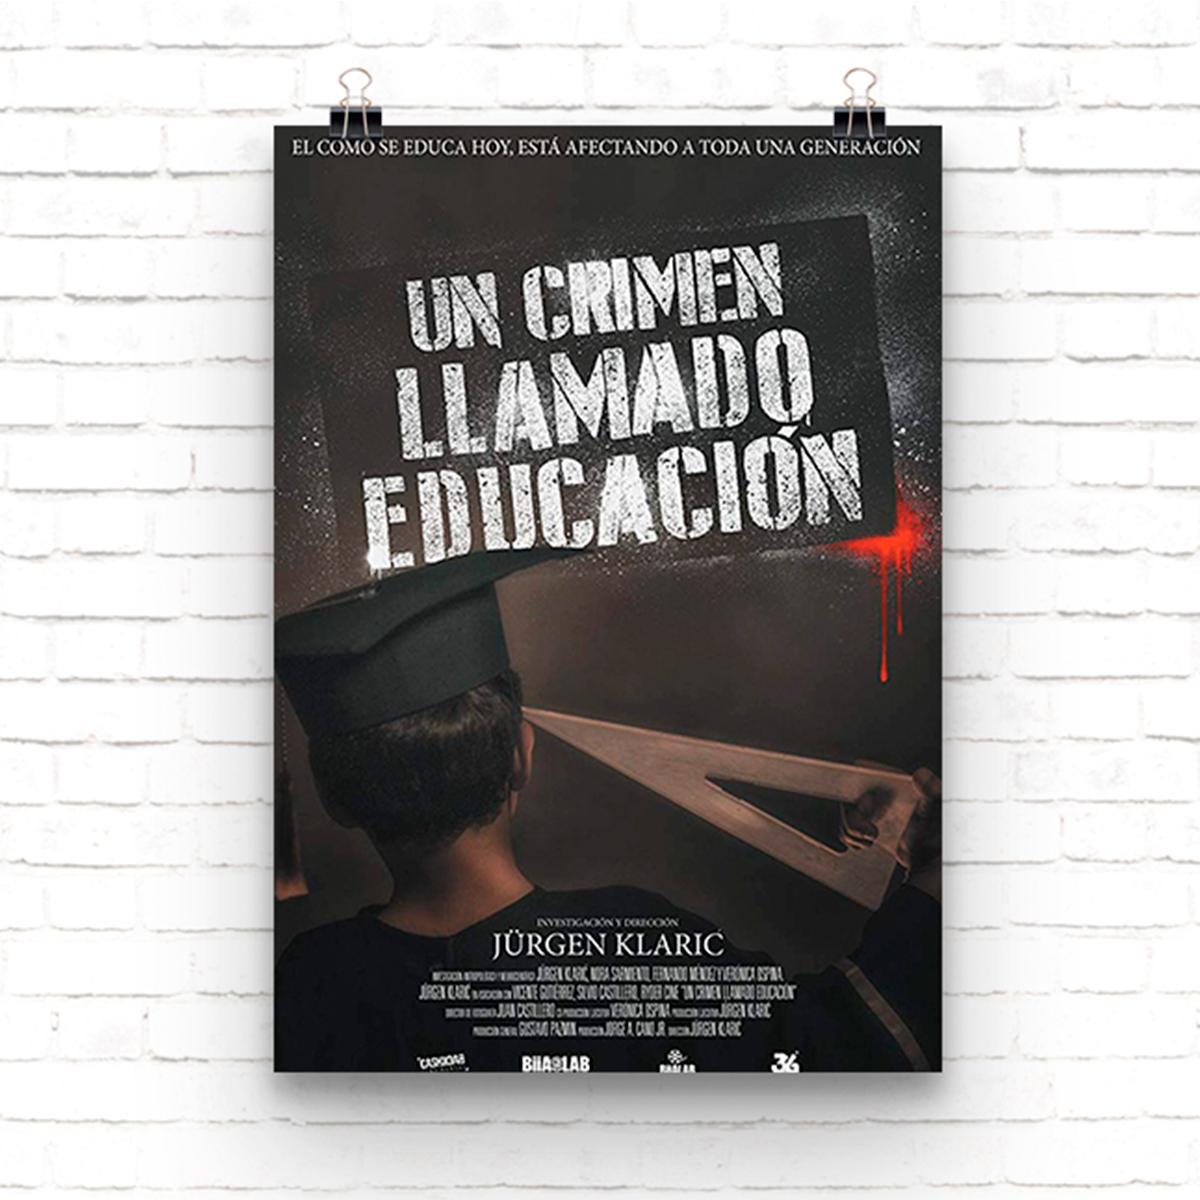 UN-CRIMEN-LLMADO--EDU-CUADRADO